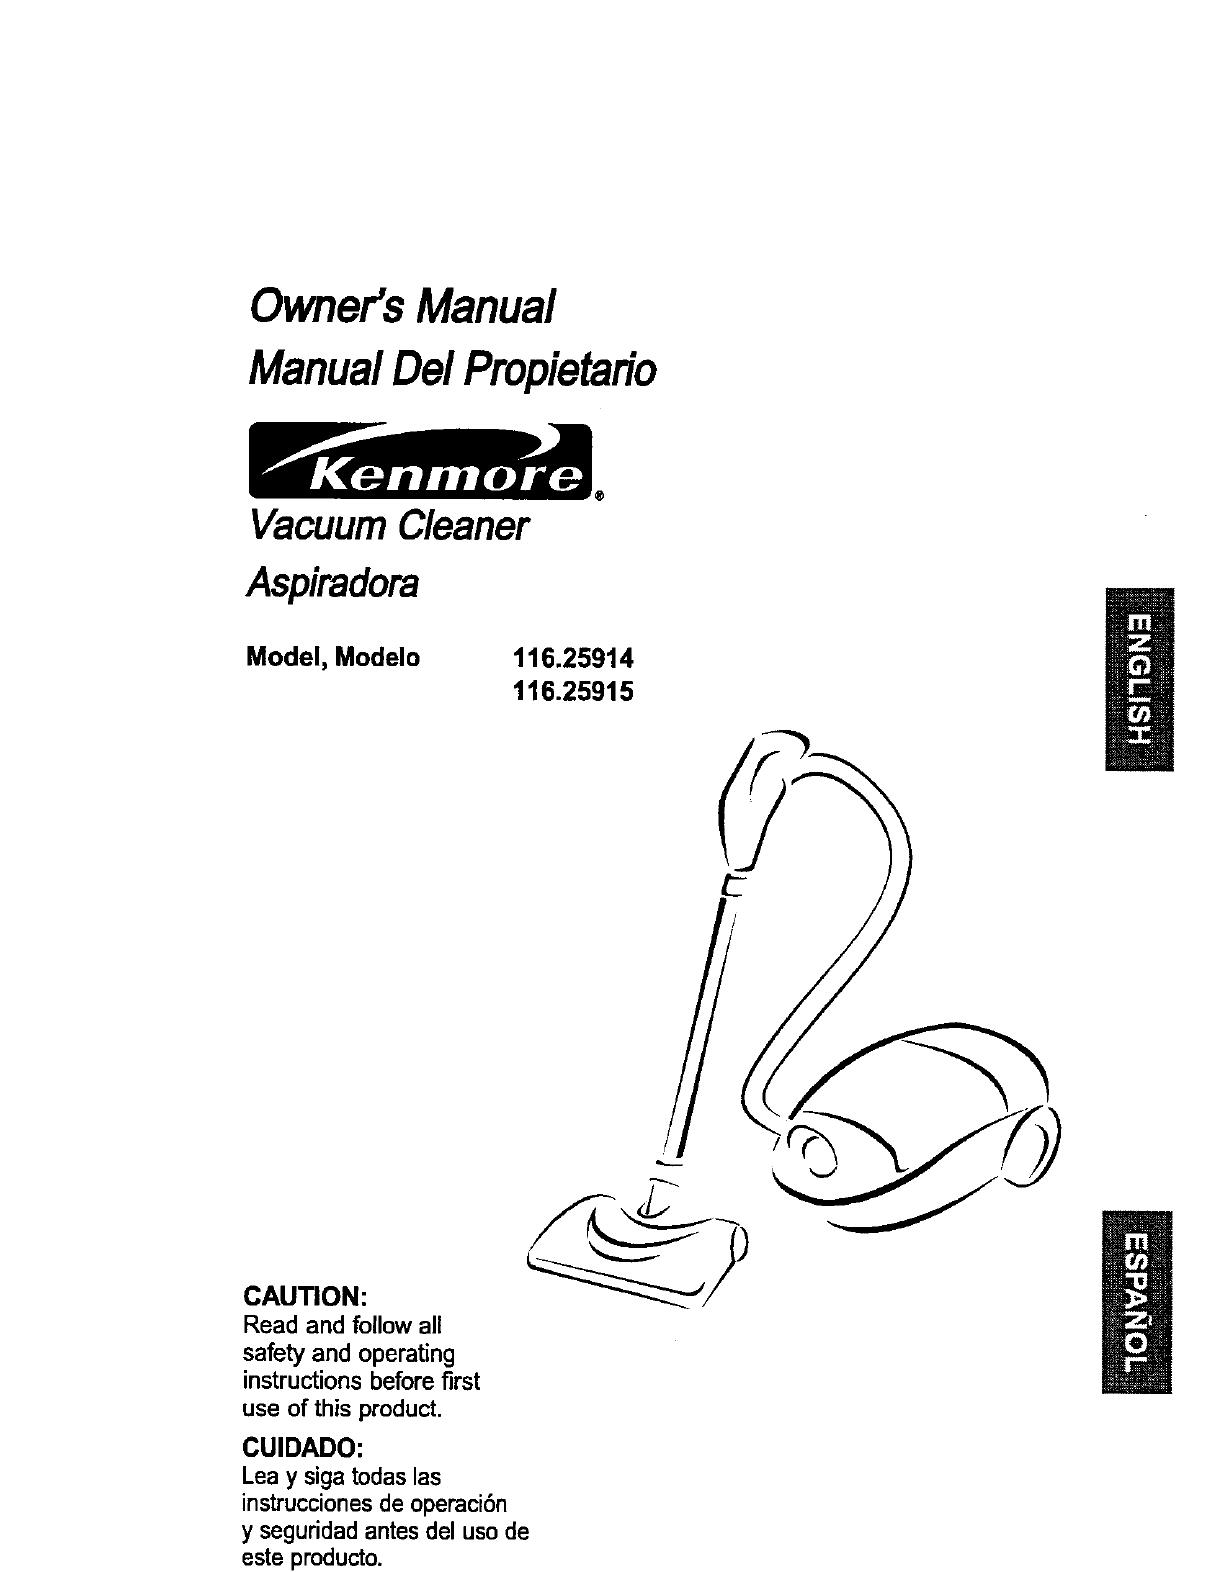 Kenmore Vacuum Cleaner 116.25915 User Guide